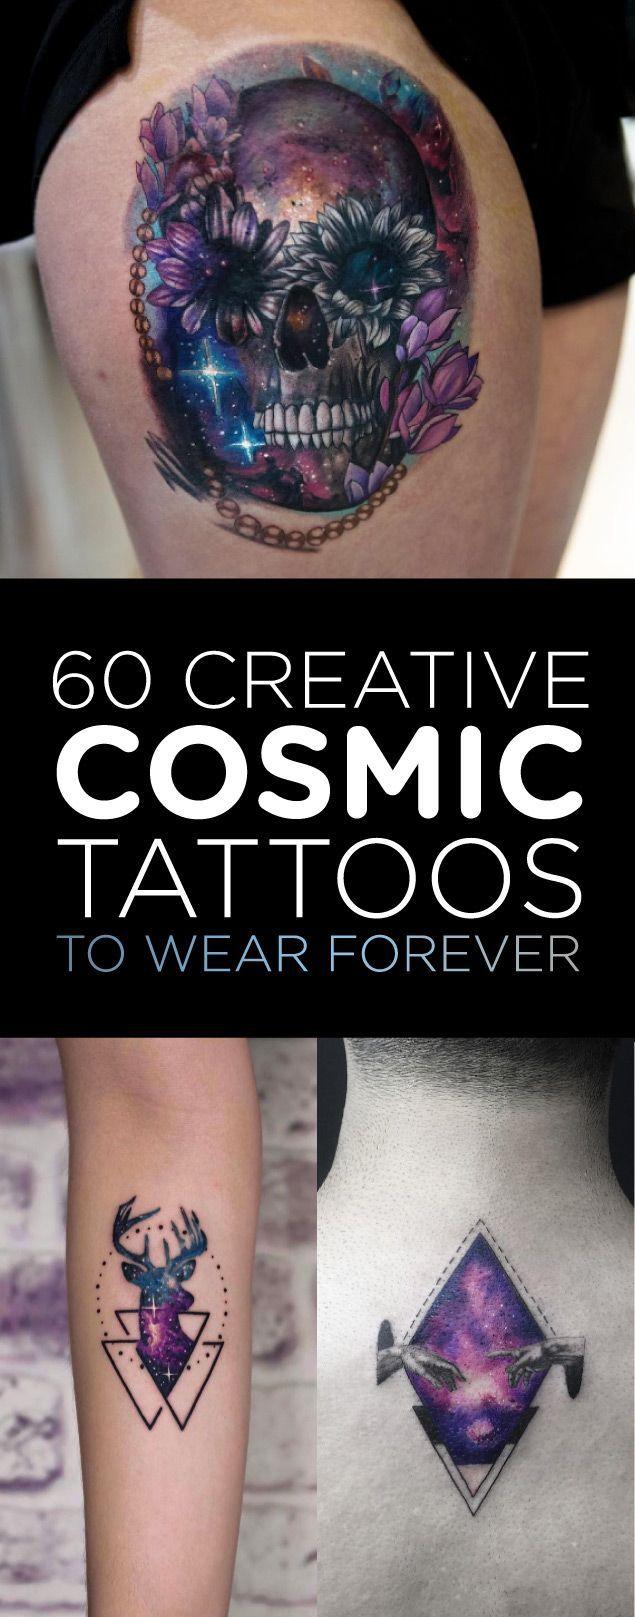 Flaming art tattoo for geek tattoo lovers this kind of batman - 60 Cosmic Space Tattoo Designs Tattooblend